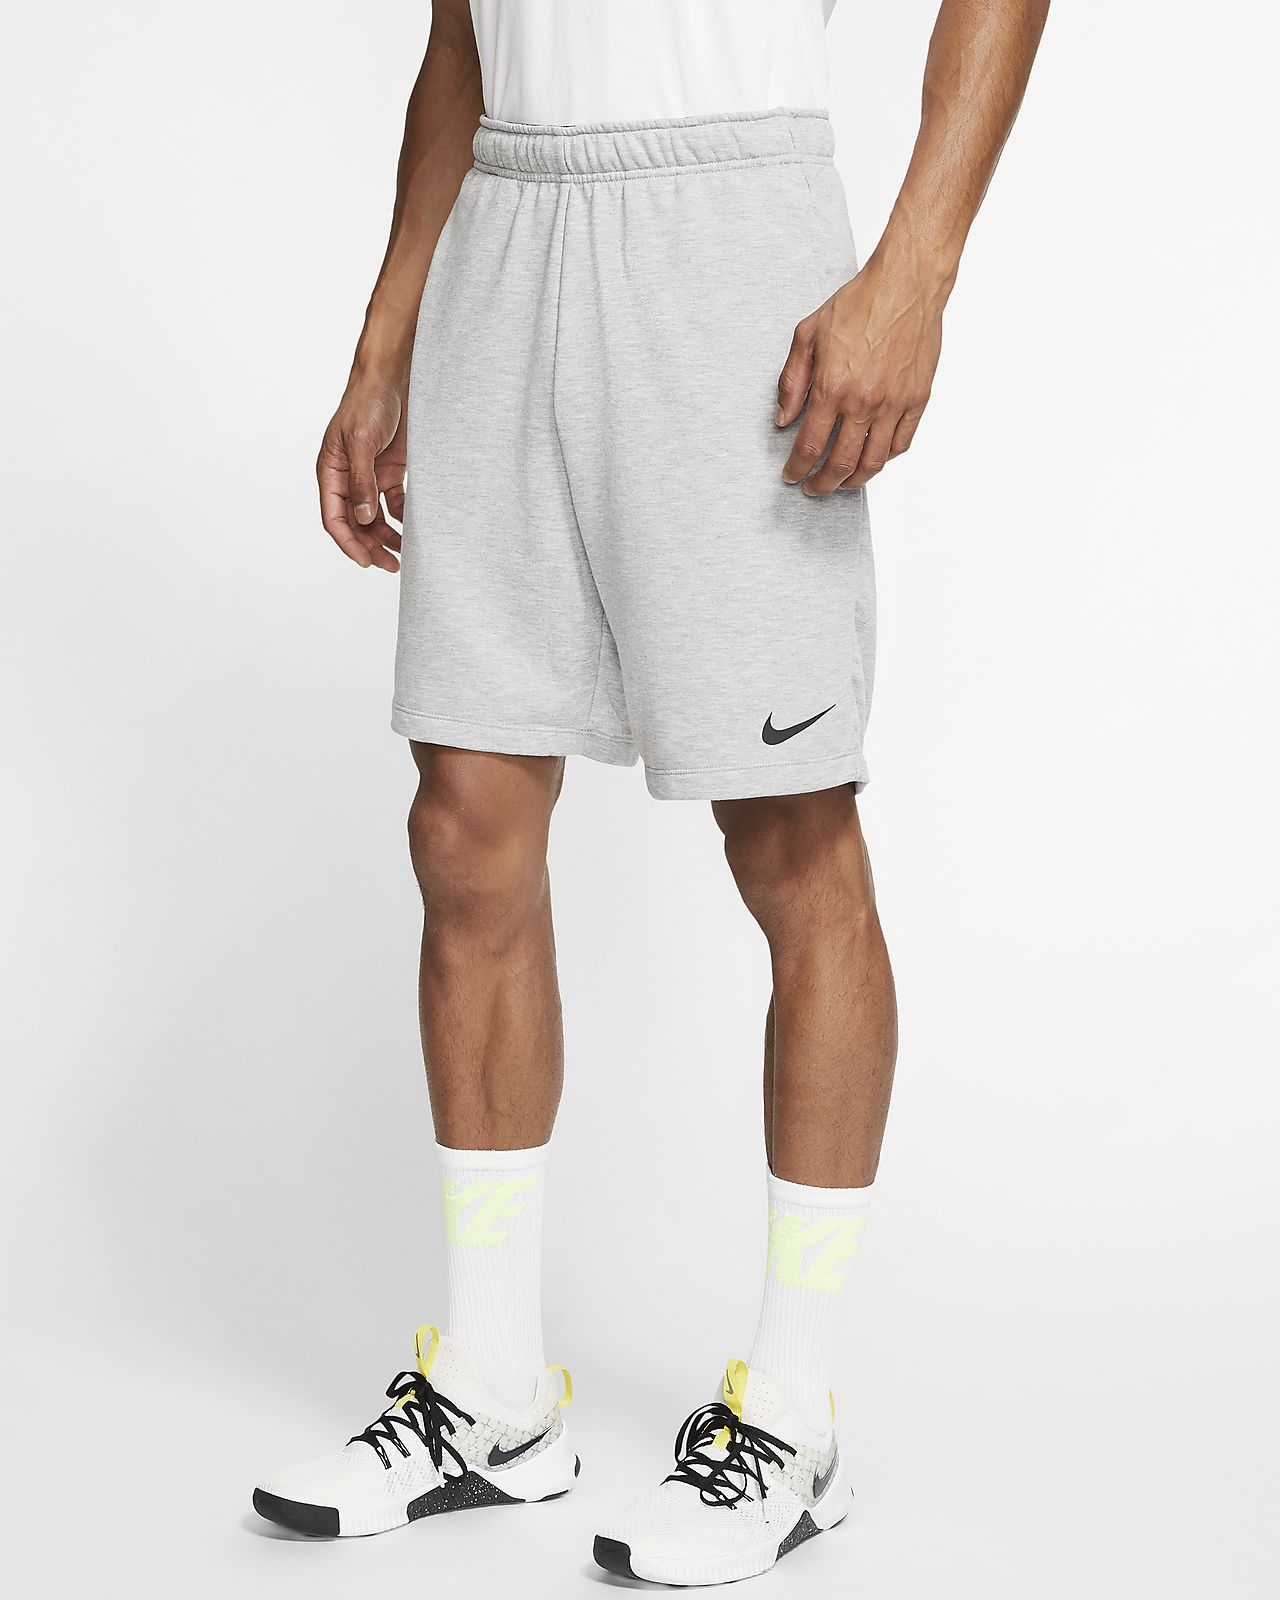 Мужские флисовые шорты для тренинга Nike Dri-FIT